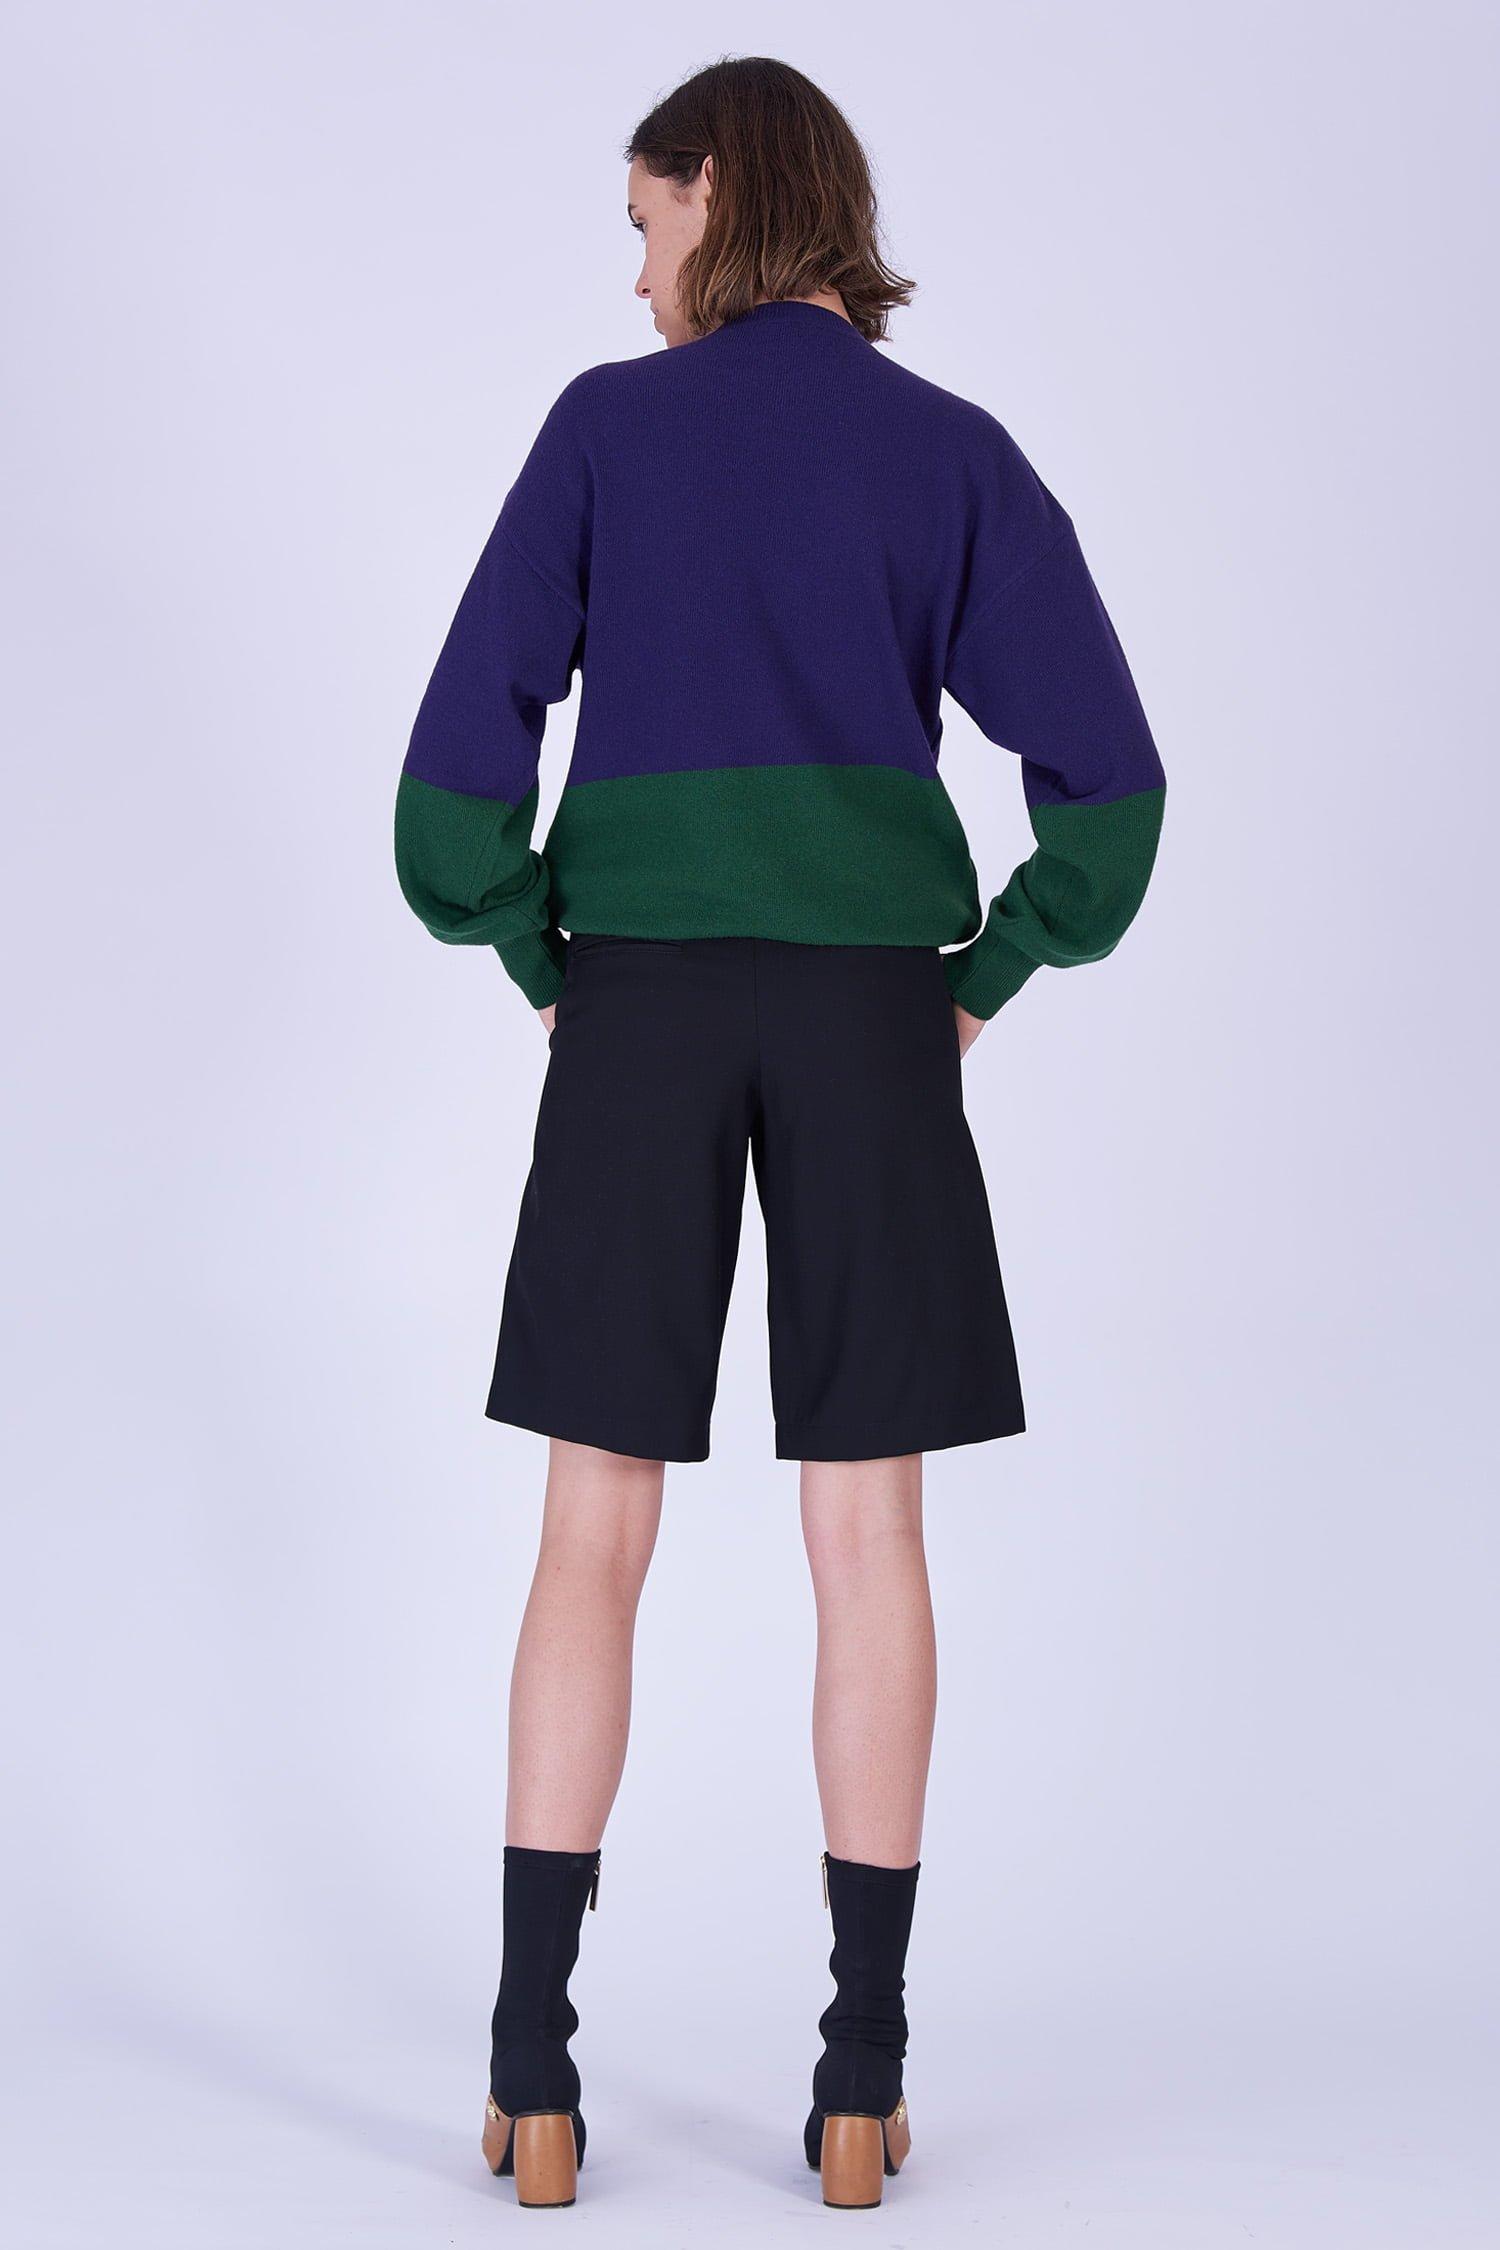 Acephala Fw19 20 Purple Green Bodybuilder Jumper Black Shorts Fioletowo Zielony Sweter Czarne Szorty Back 1